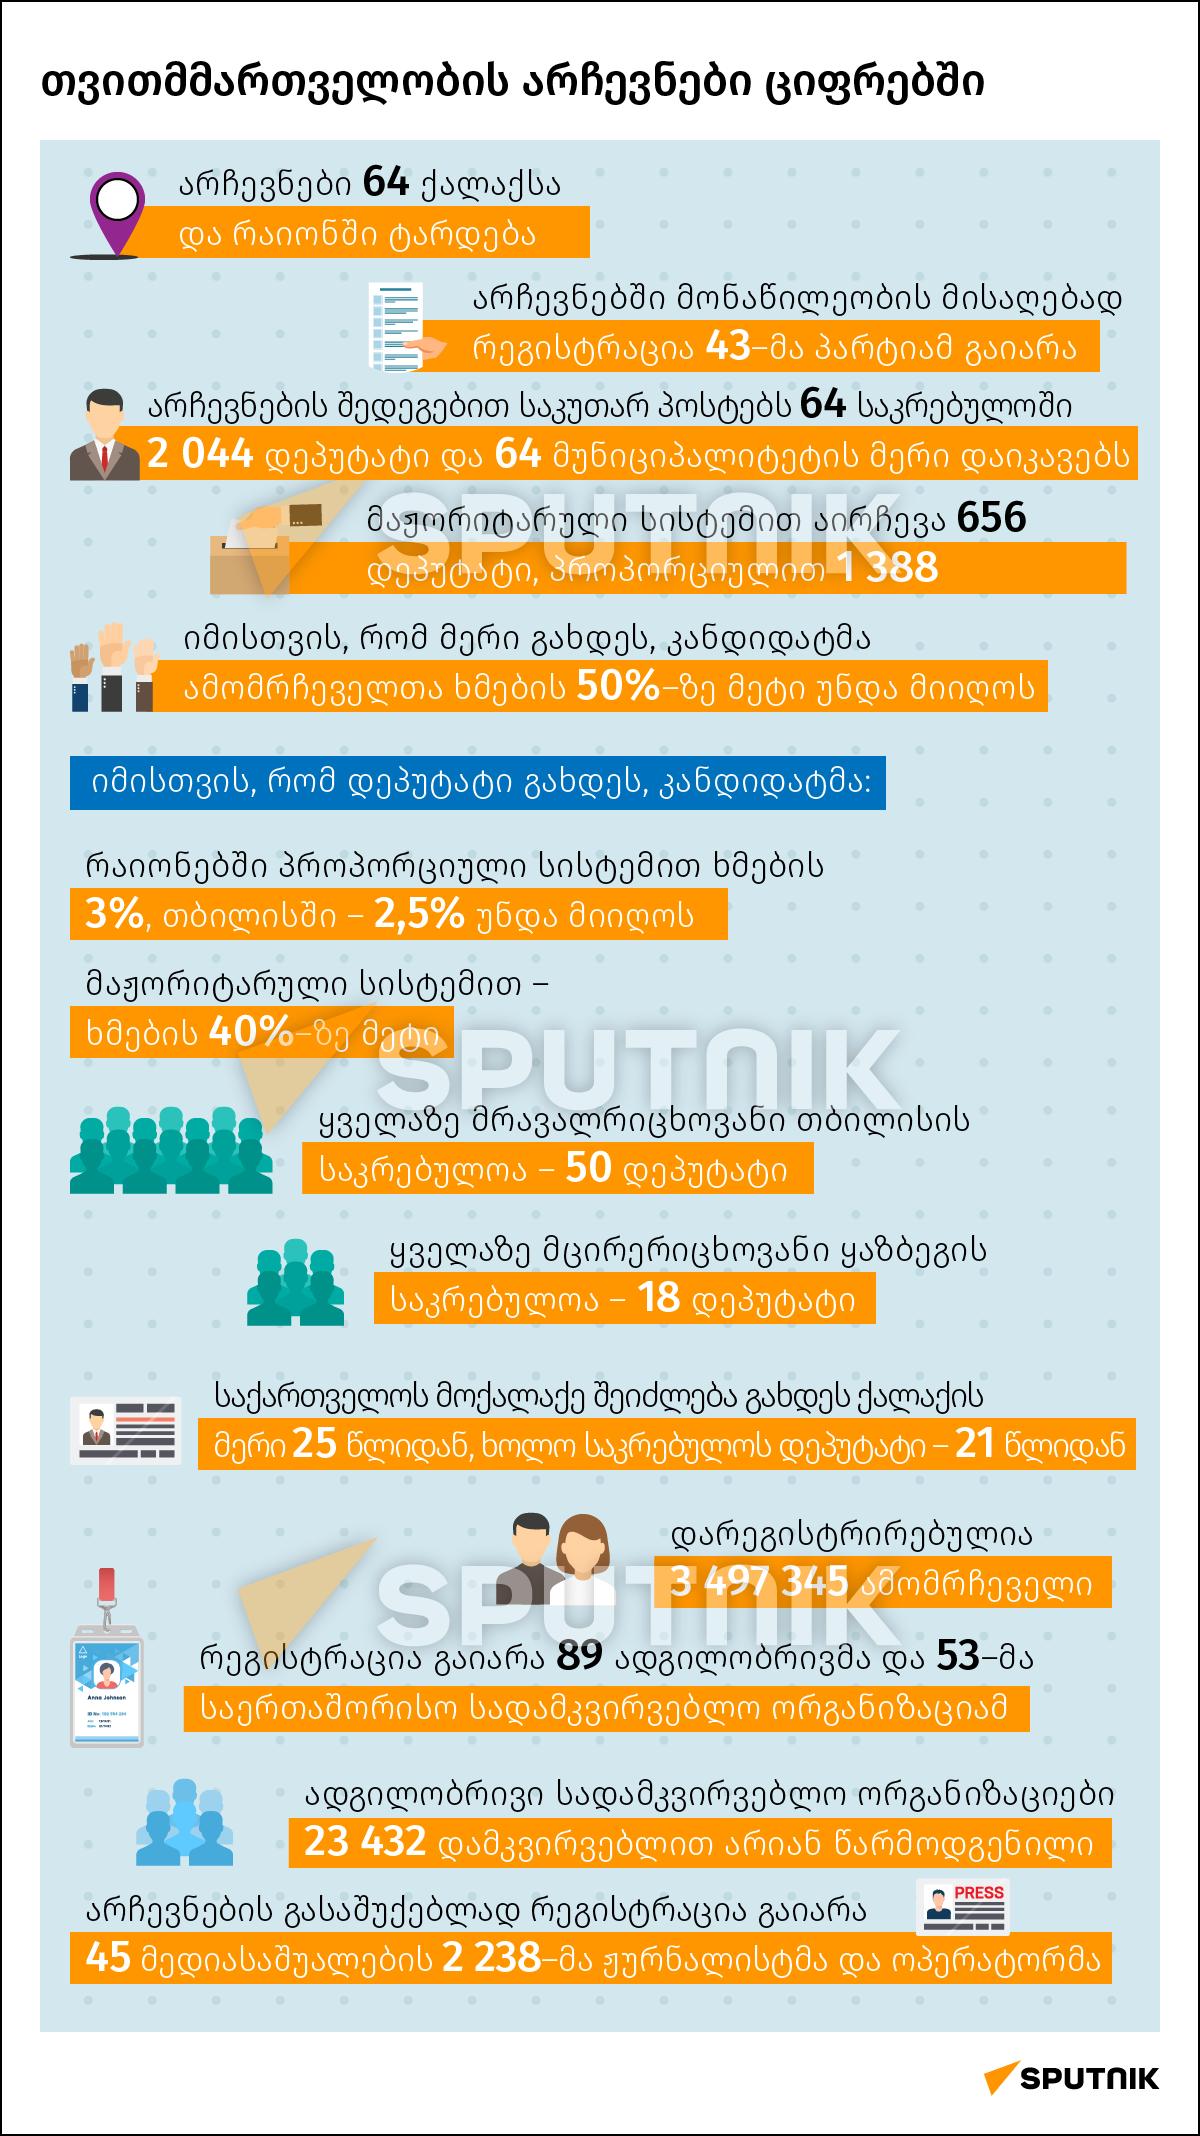 თვითმმართველობის არჩევნები ციფრებში - Sputnik საქართველო